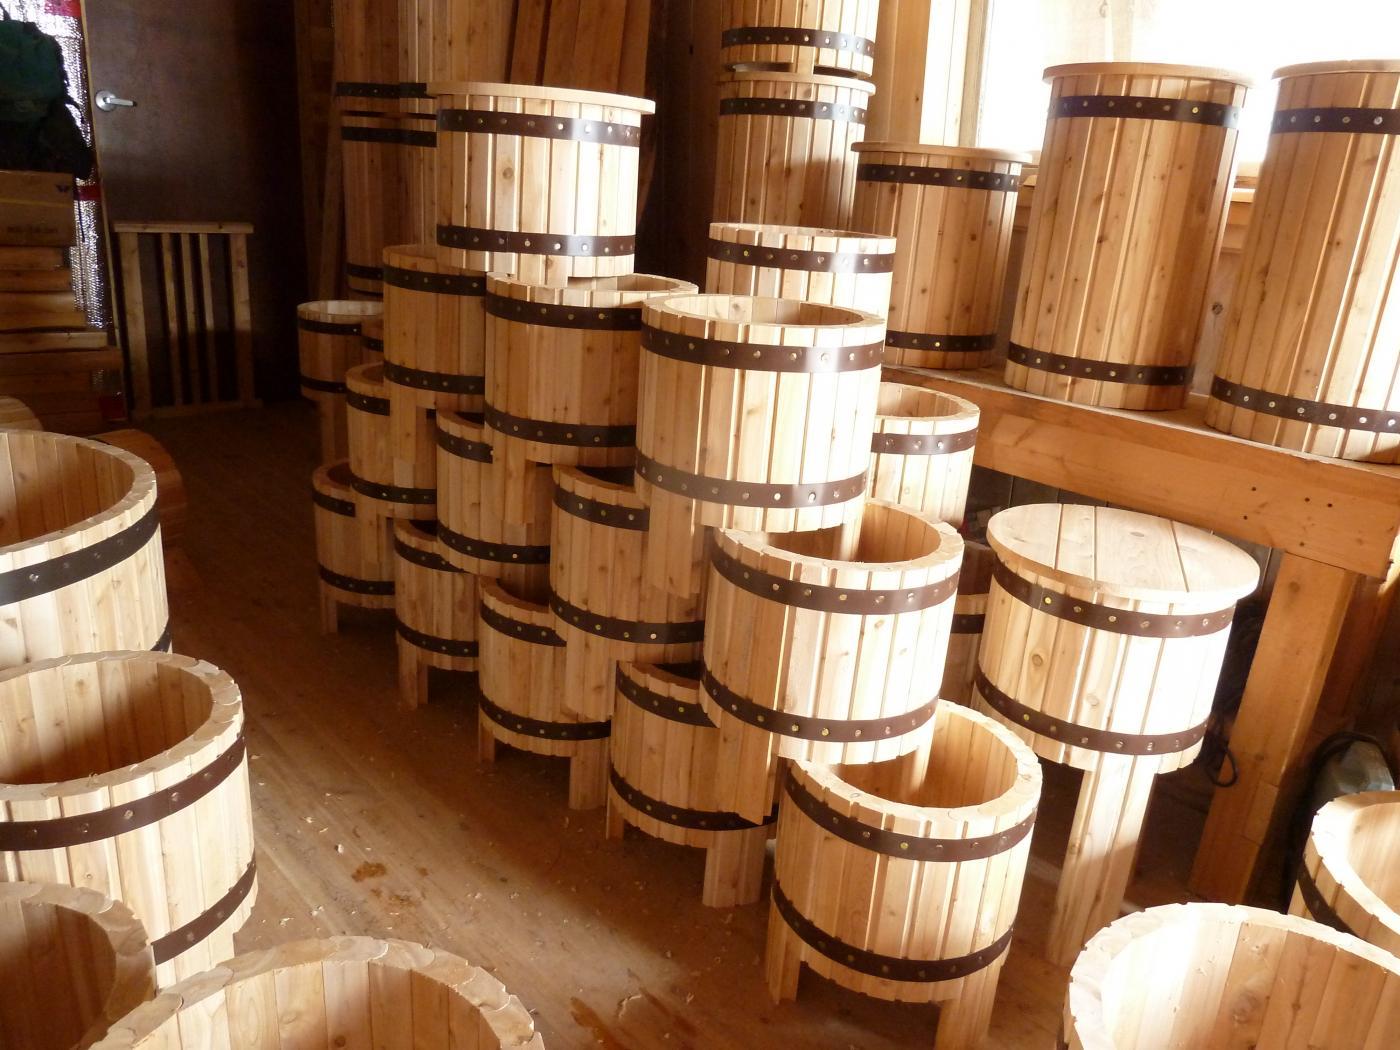 Pots a fleurs Le petit moulin du 4 milles - Artisans du cèdre - Cédrières - Saunas - Les barils - Cantons de l'Est - Estrie